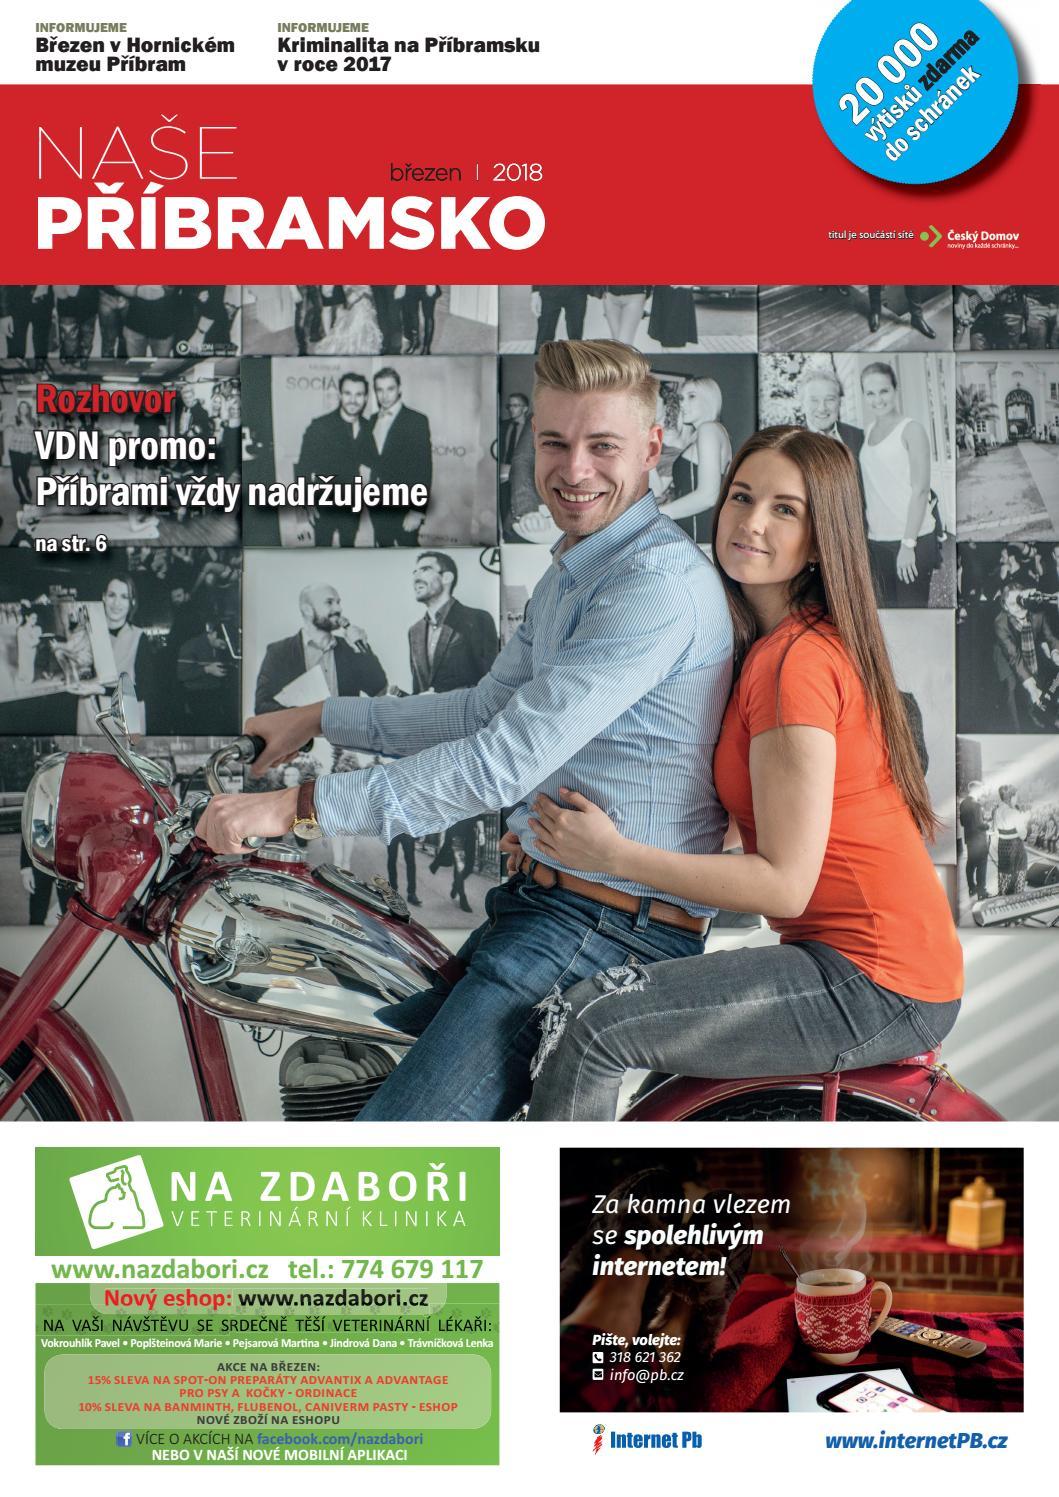 NAŠE PŘÍBRAMSKO - 03 2018 by Jiří Trnka - issuu 5bc89558a4